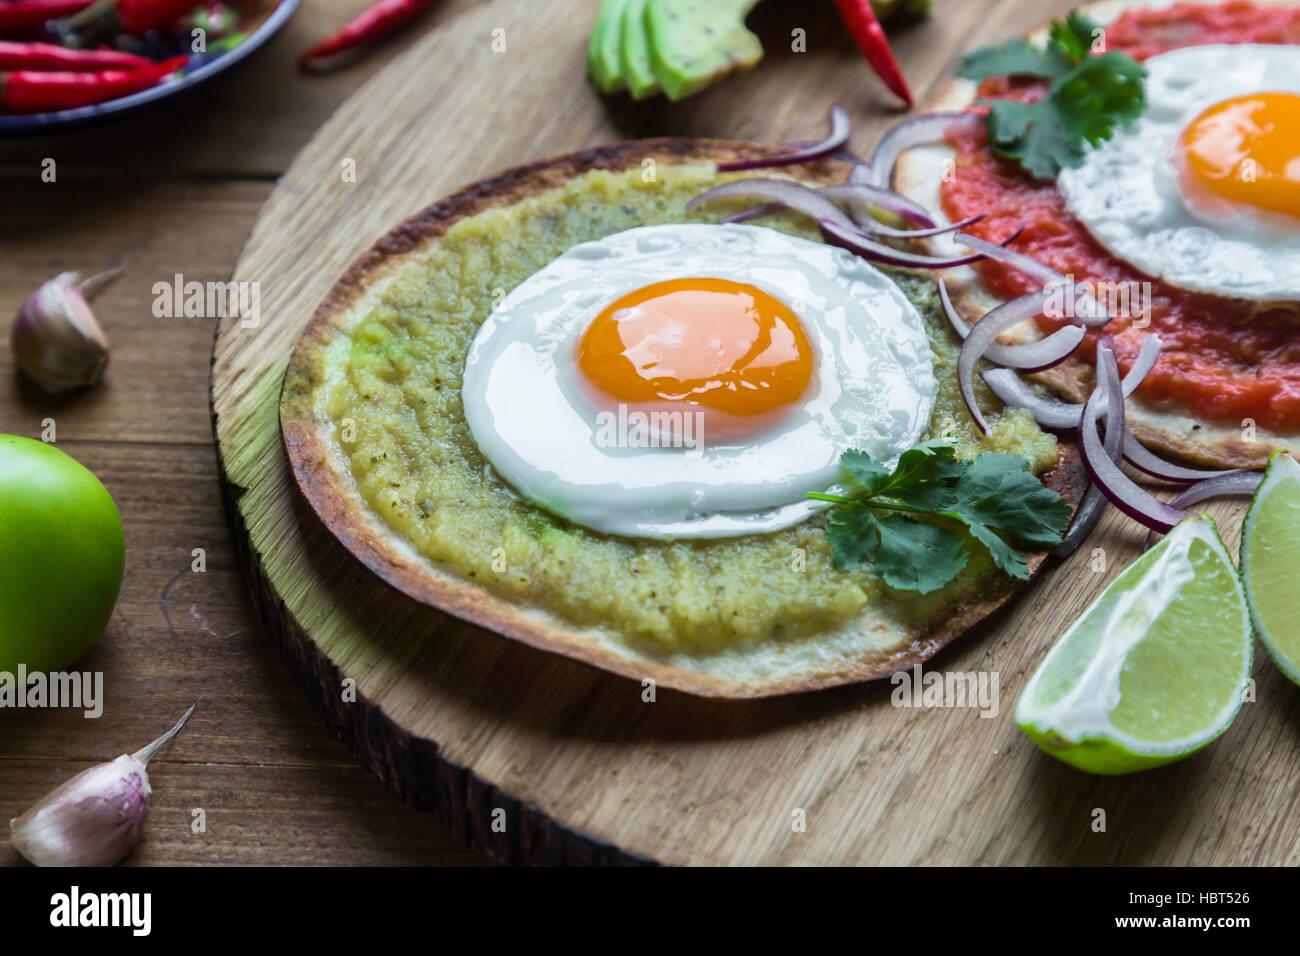 Farbenfrohe mexikanische Küche Frühstück Gerichte auf einem Holztisch Stockbild